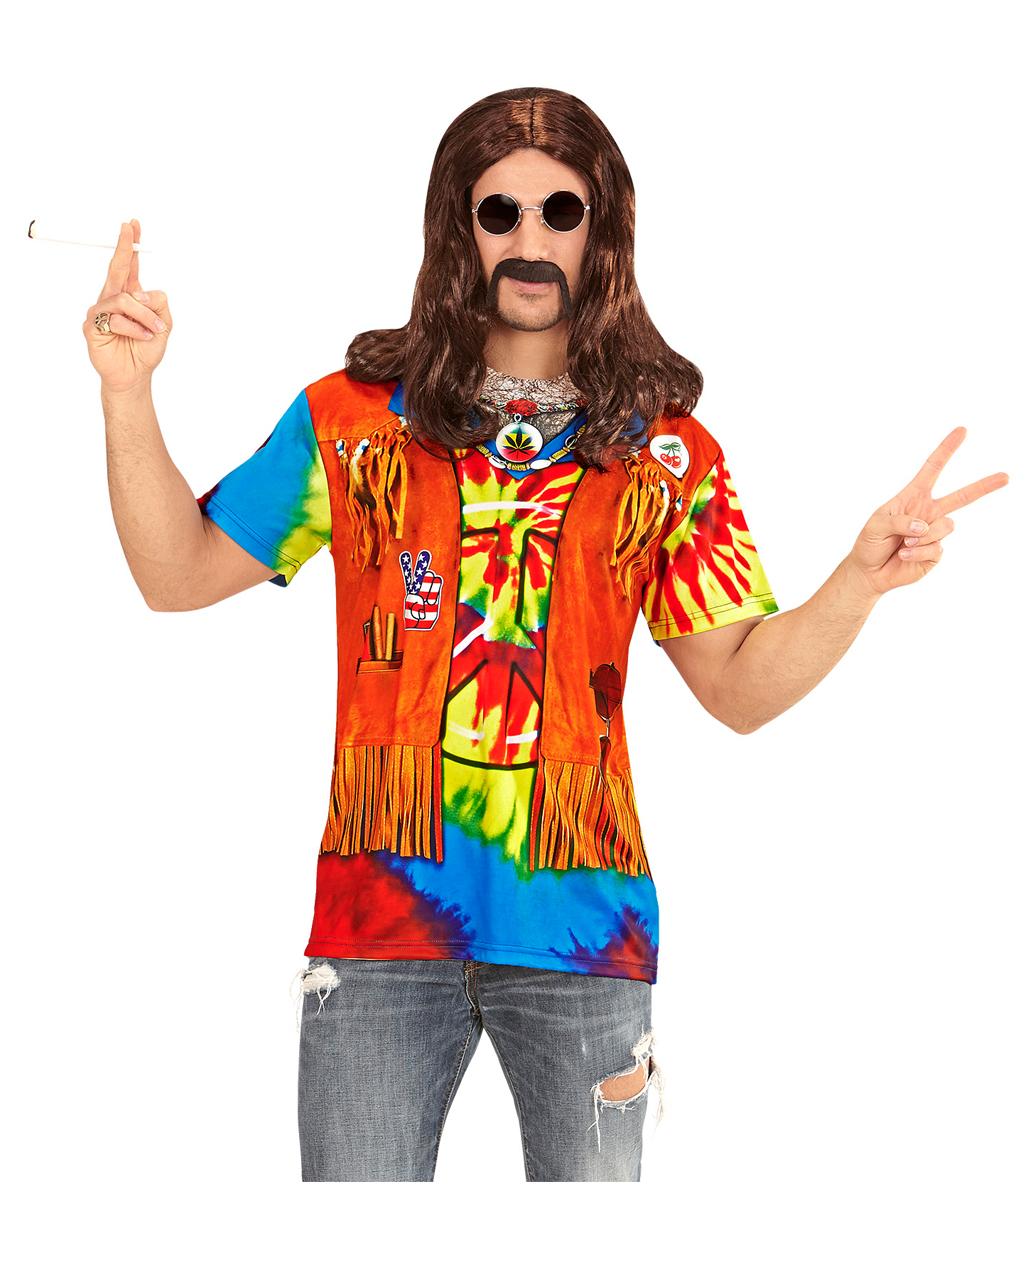 84e9f1248f2 Hippie Man T-shirt Hippie Man T-shirt ... The march on Pentagon. Flower  Power ...